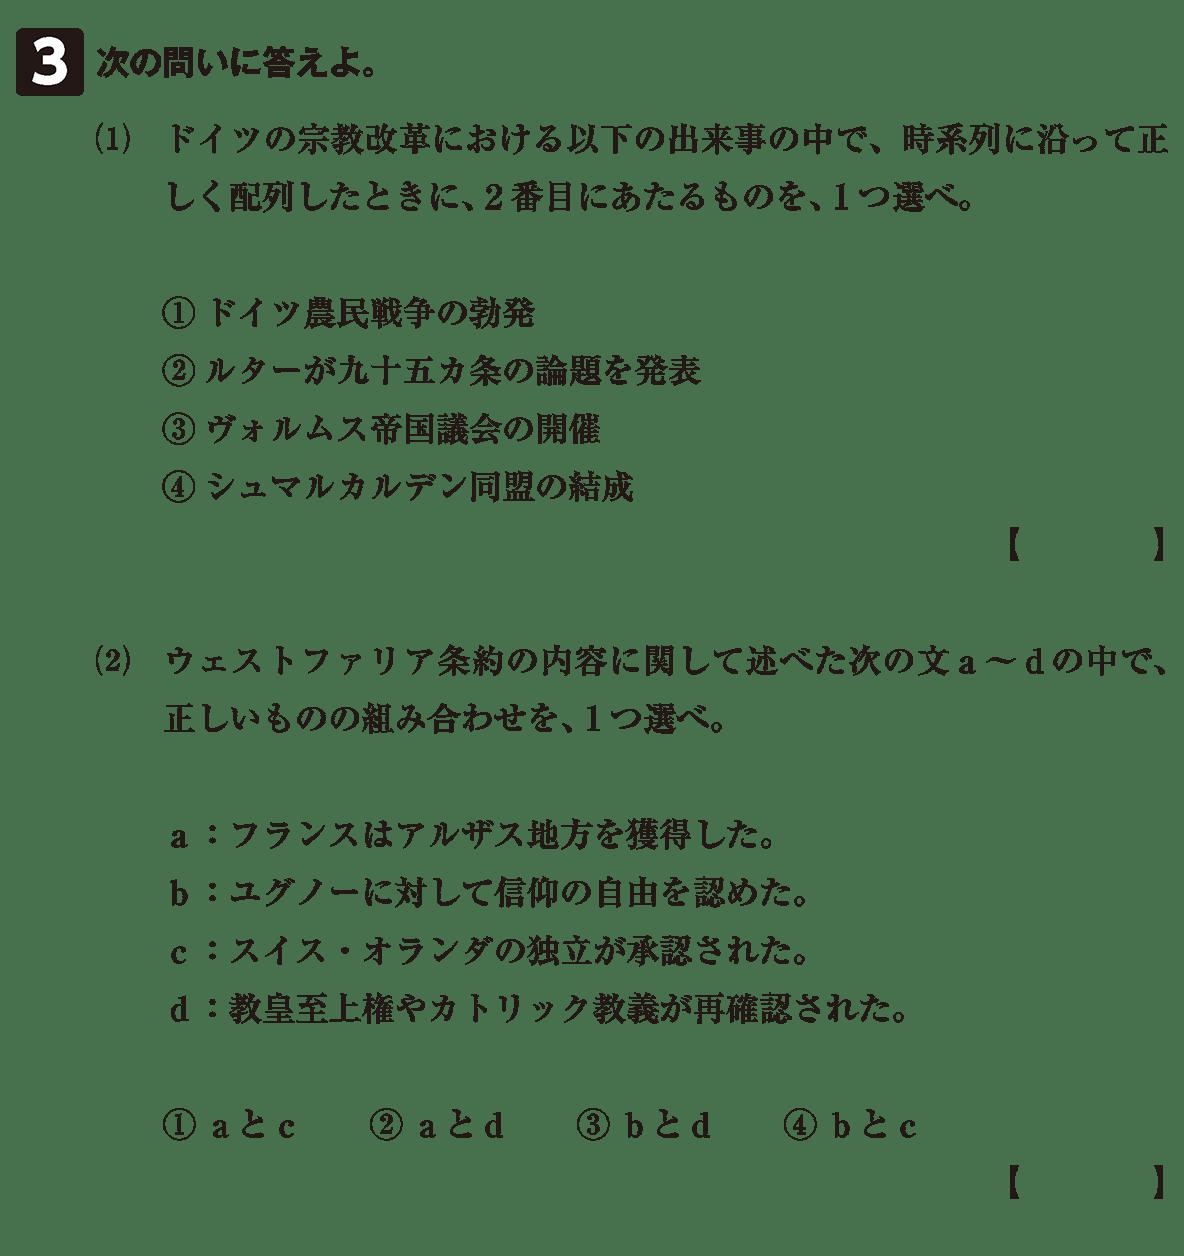 高校世界史 宗教改革7 確認テスト(後半)問題3